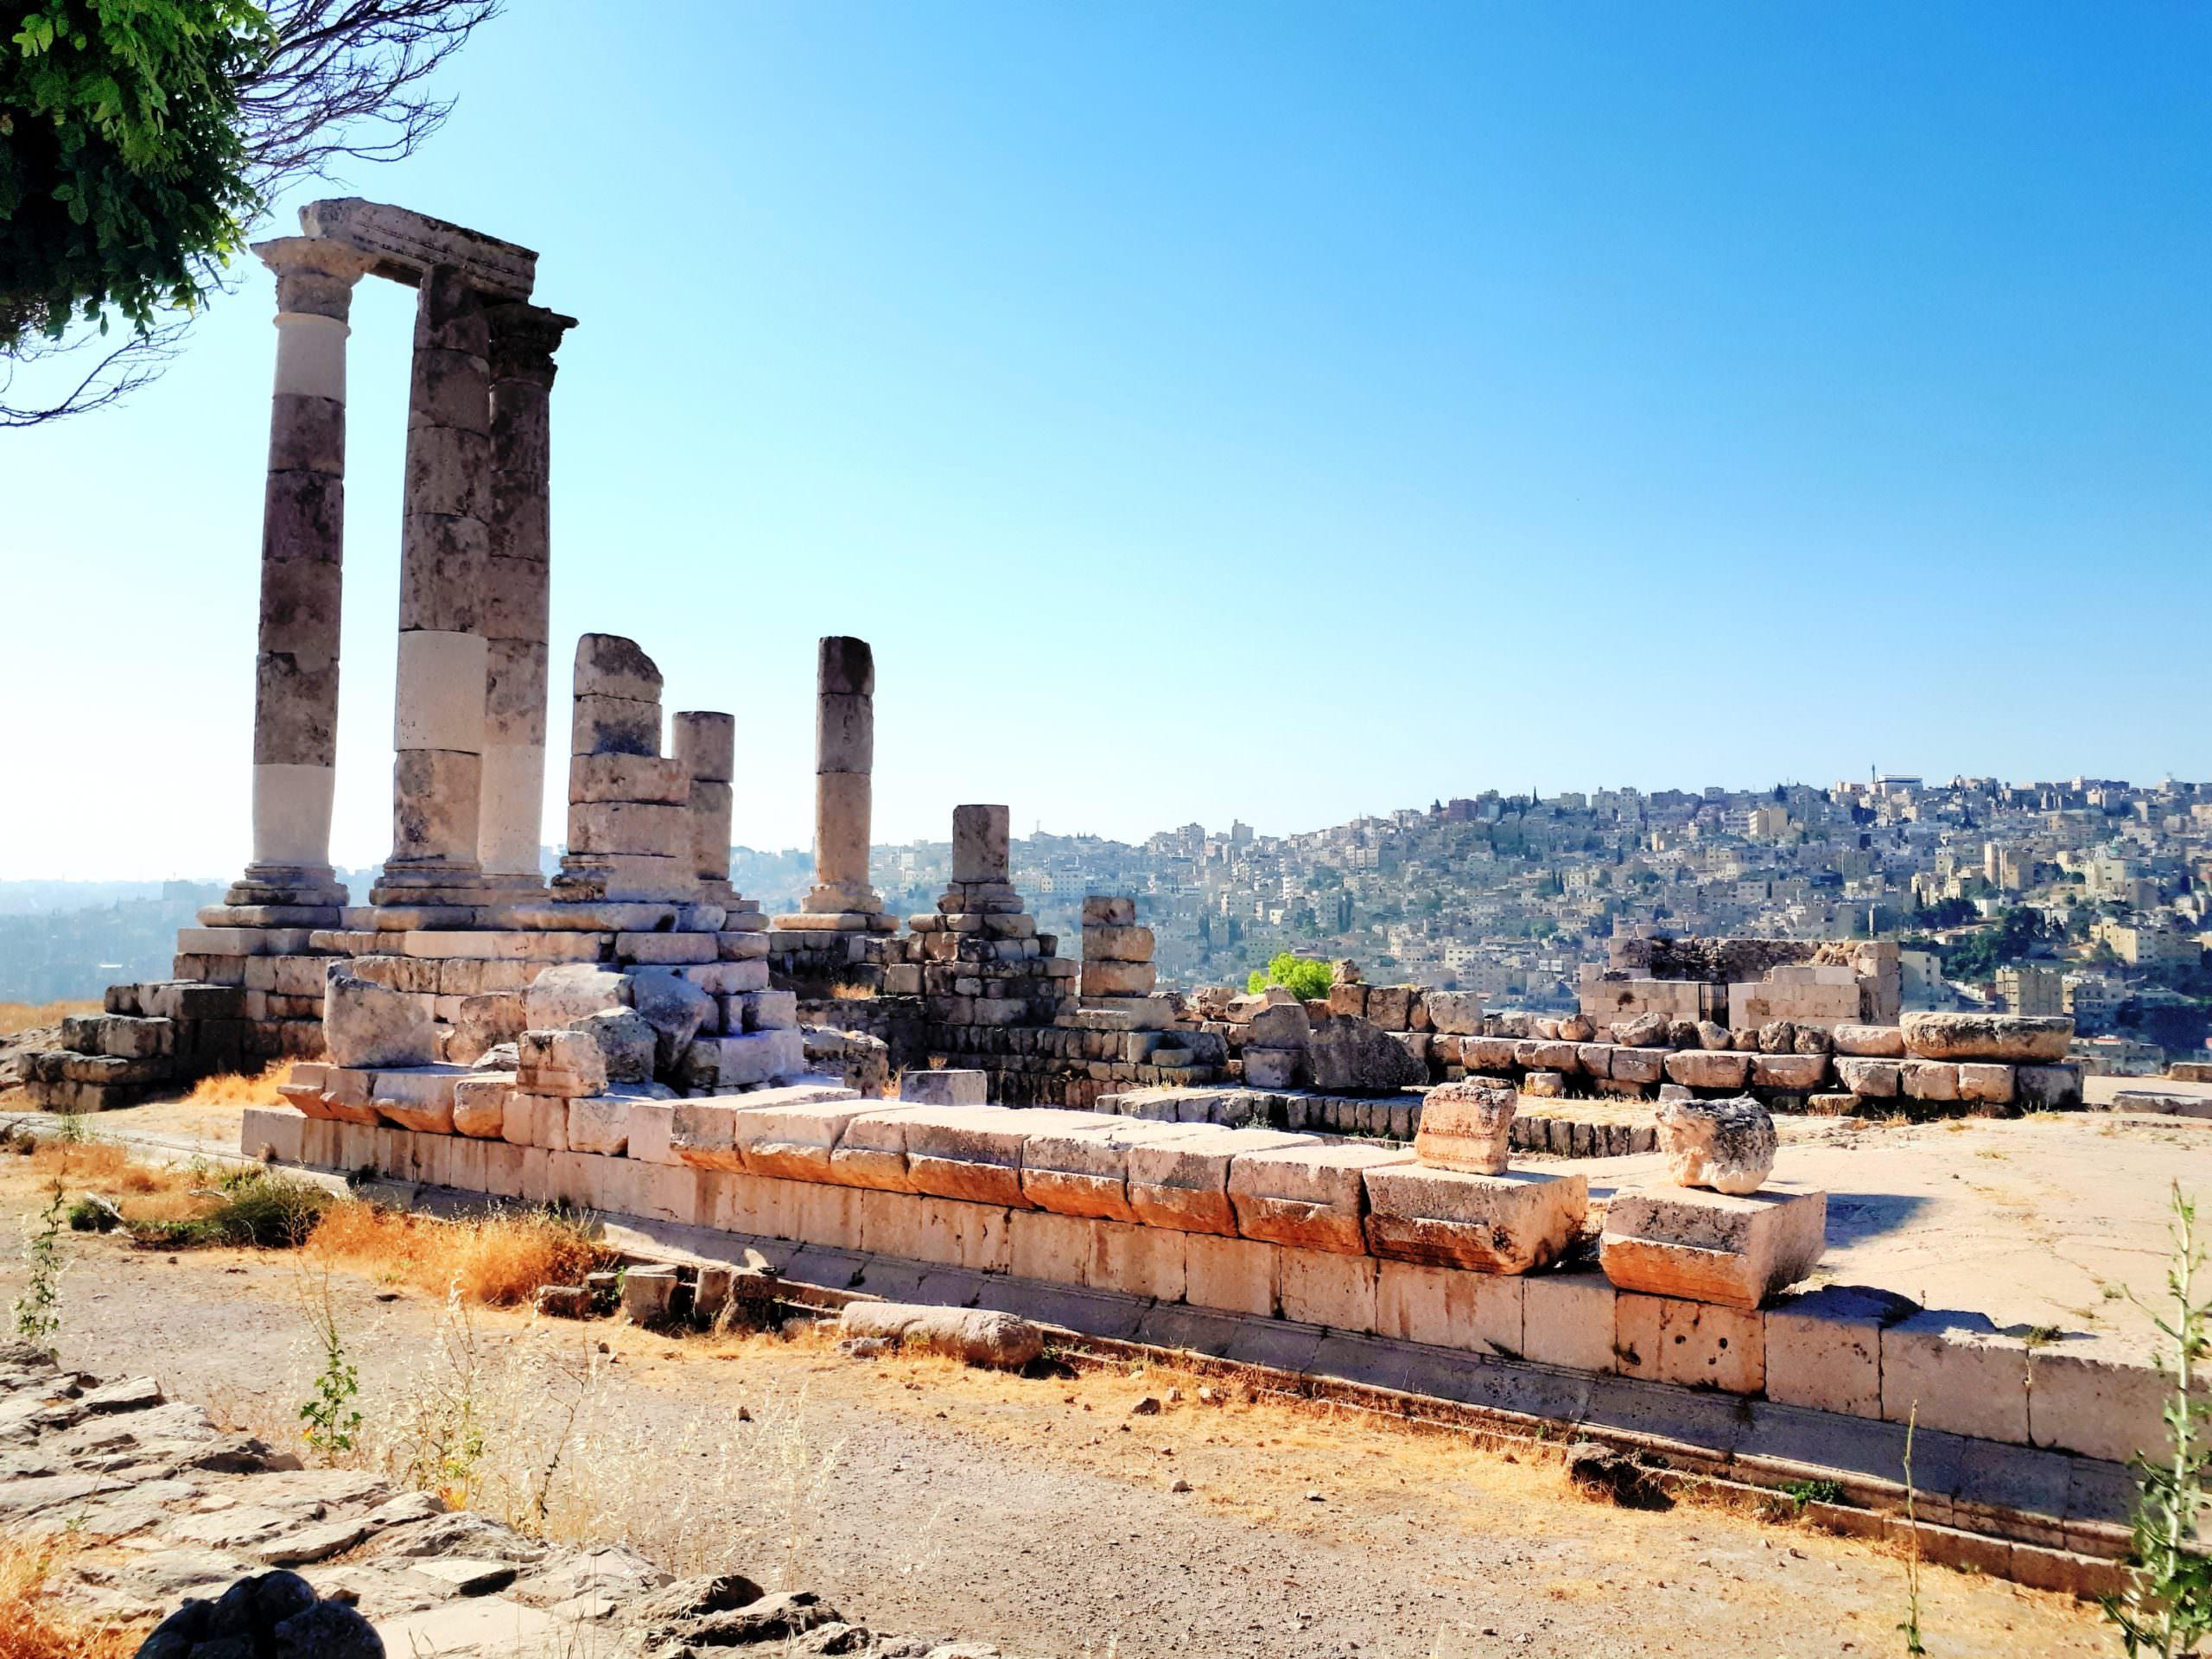 أفضل الأنشطة السياحية التي يمكنك القيام بها في عمّان ، الأردن